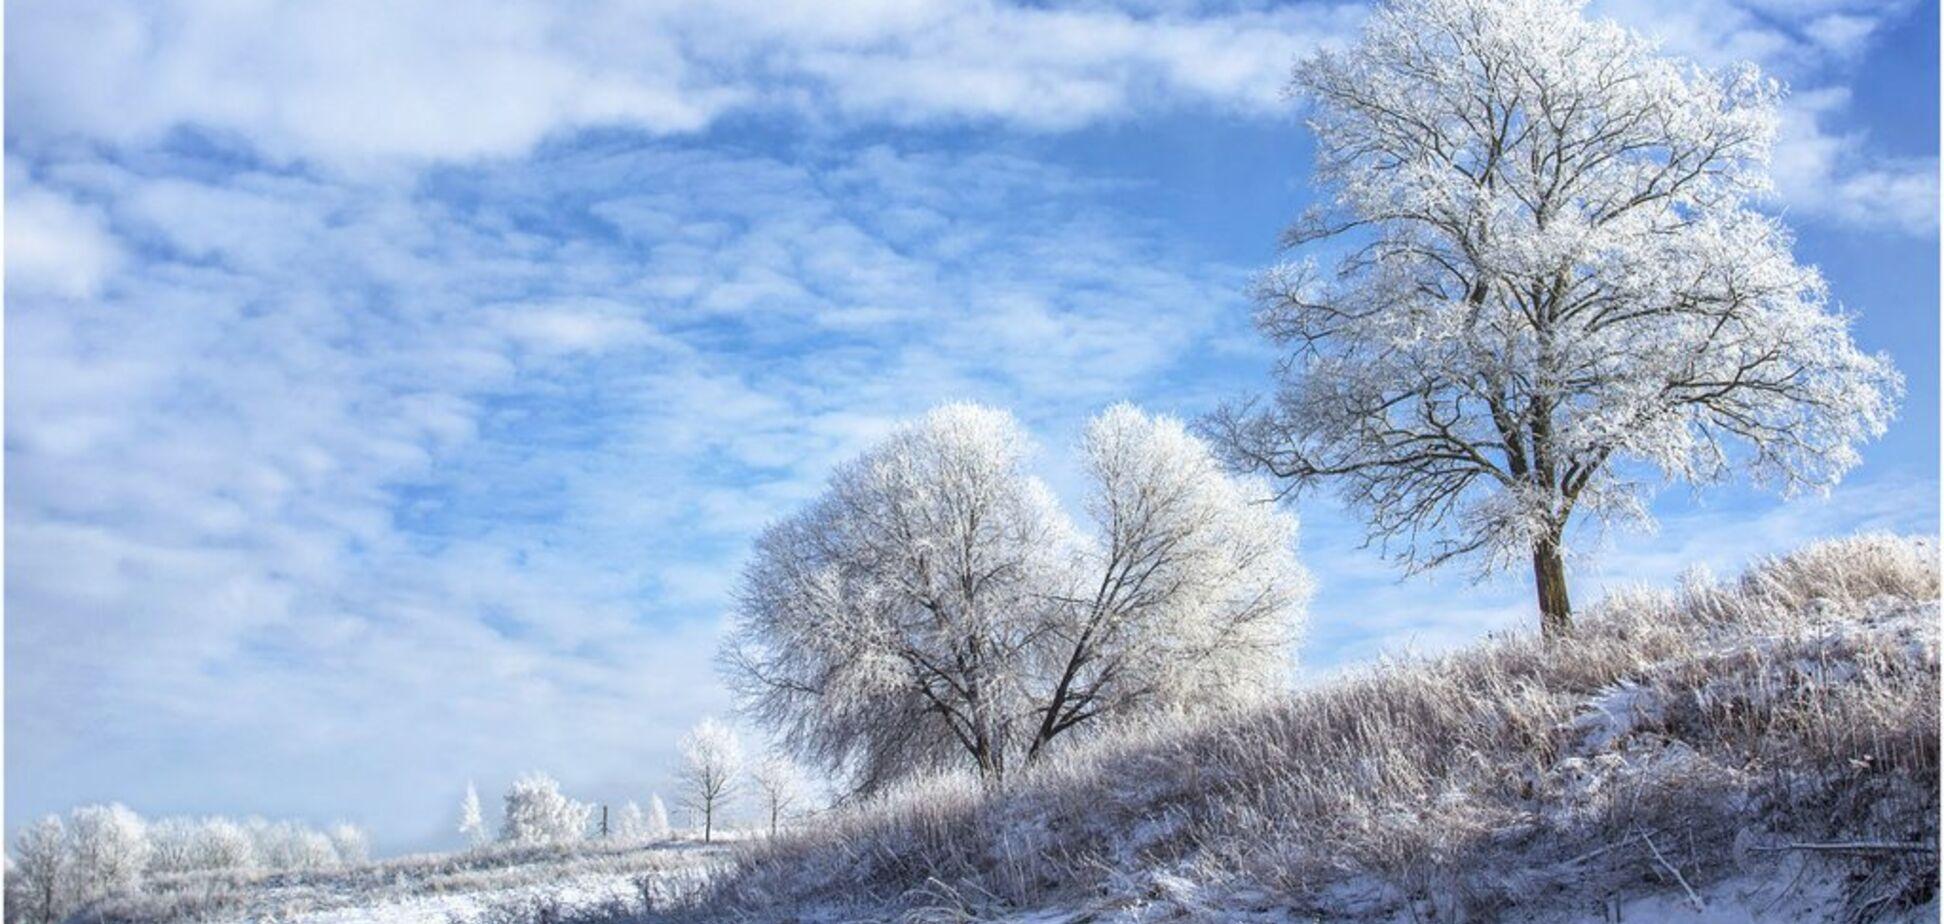 До -20 градусов: синоптики дали ''морозный'' прогноз на январь